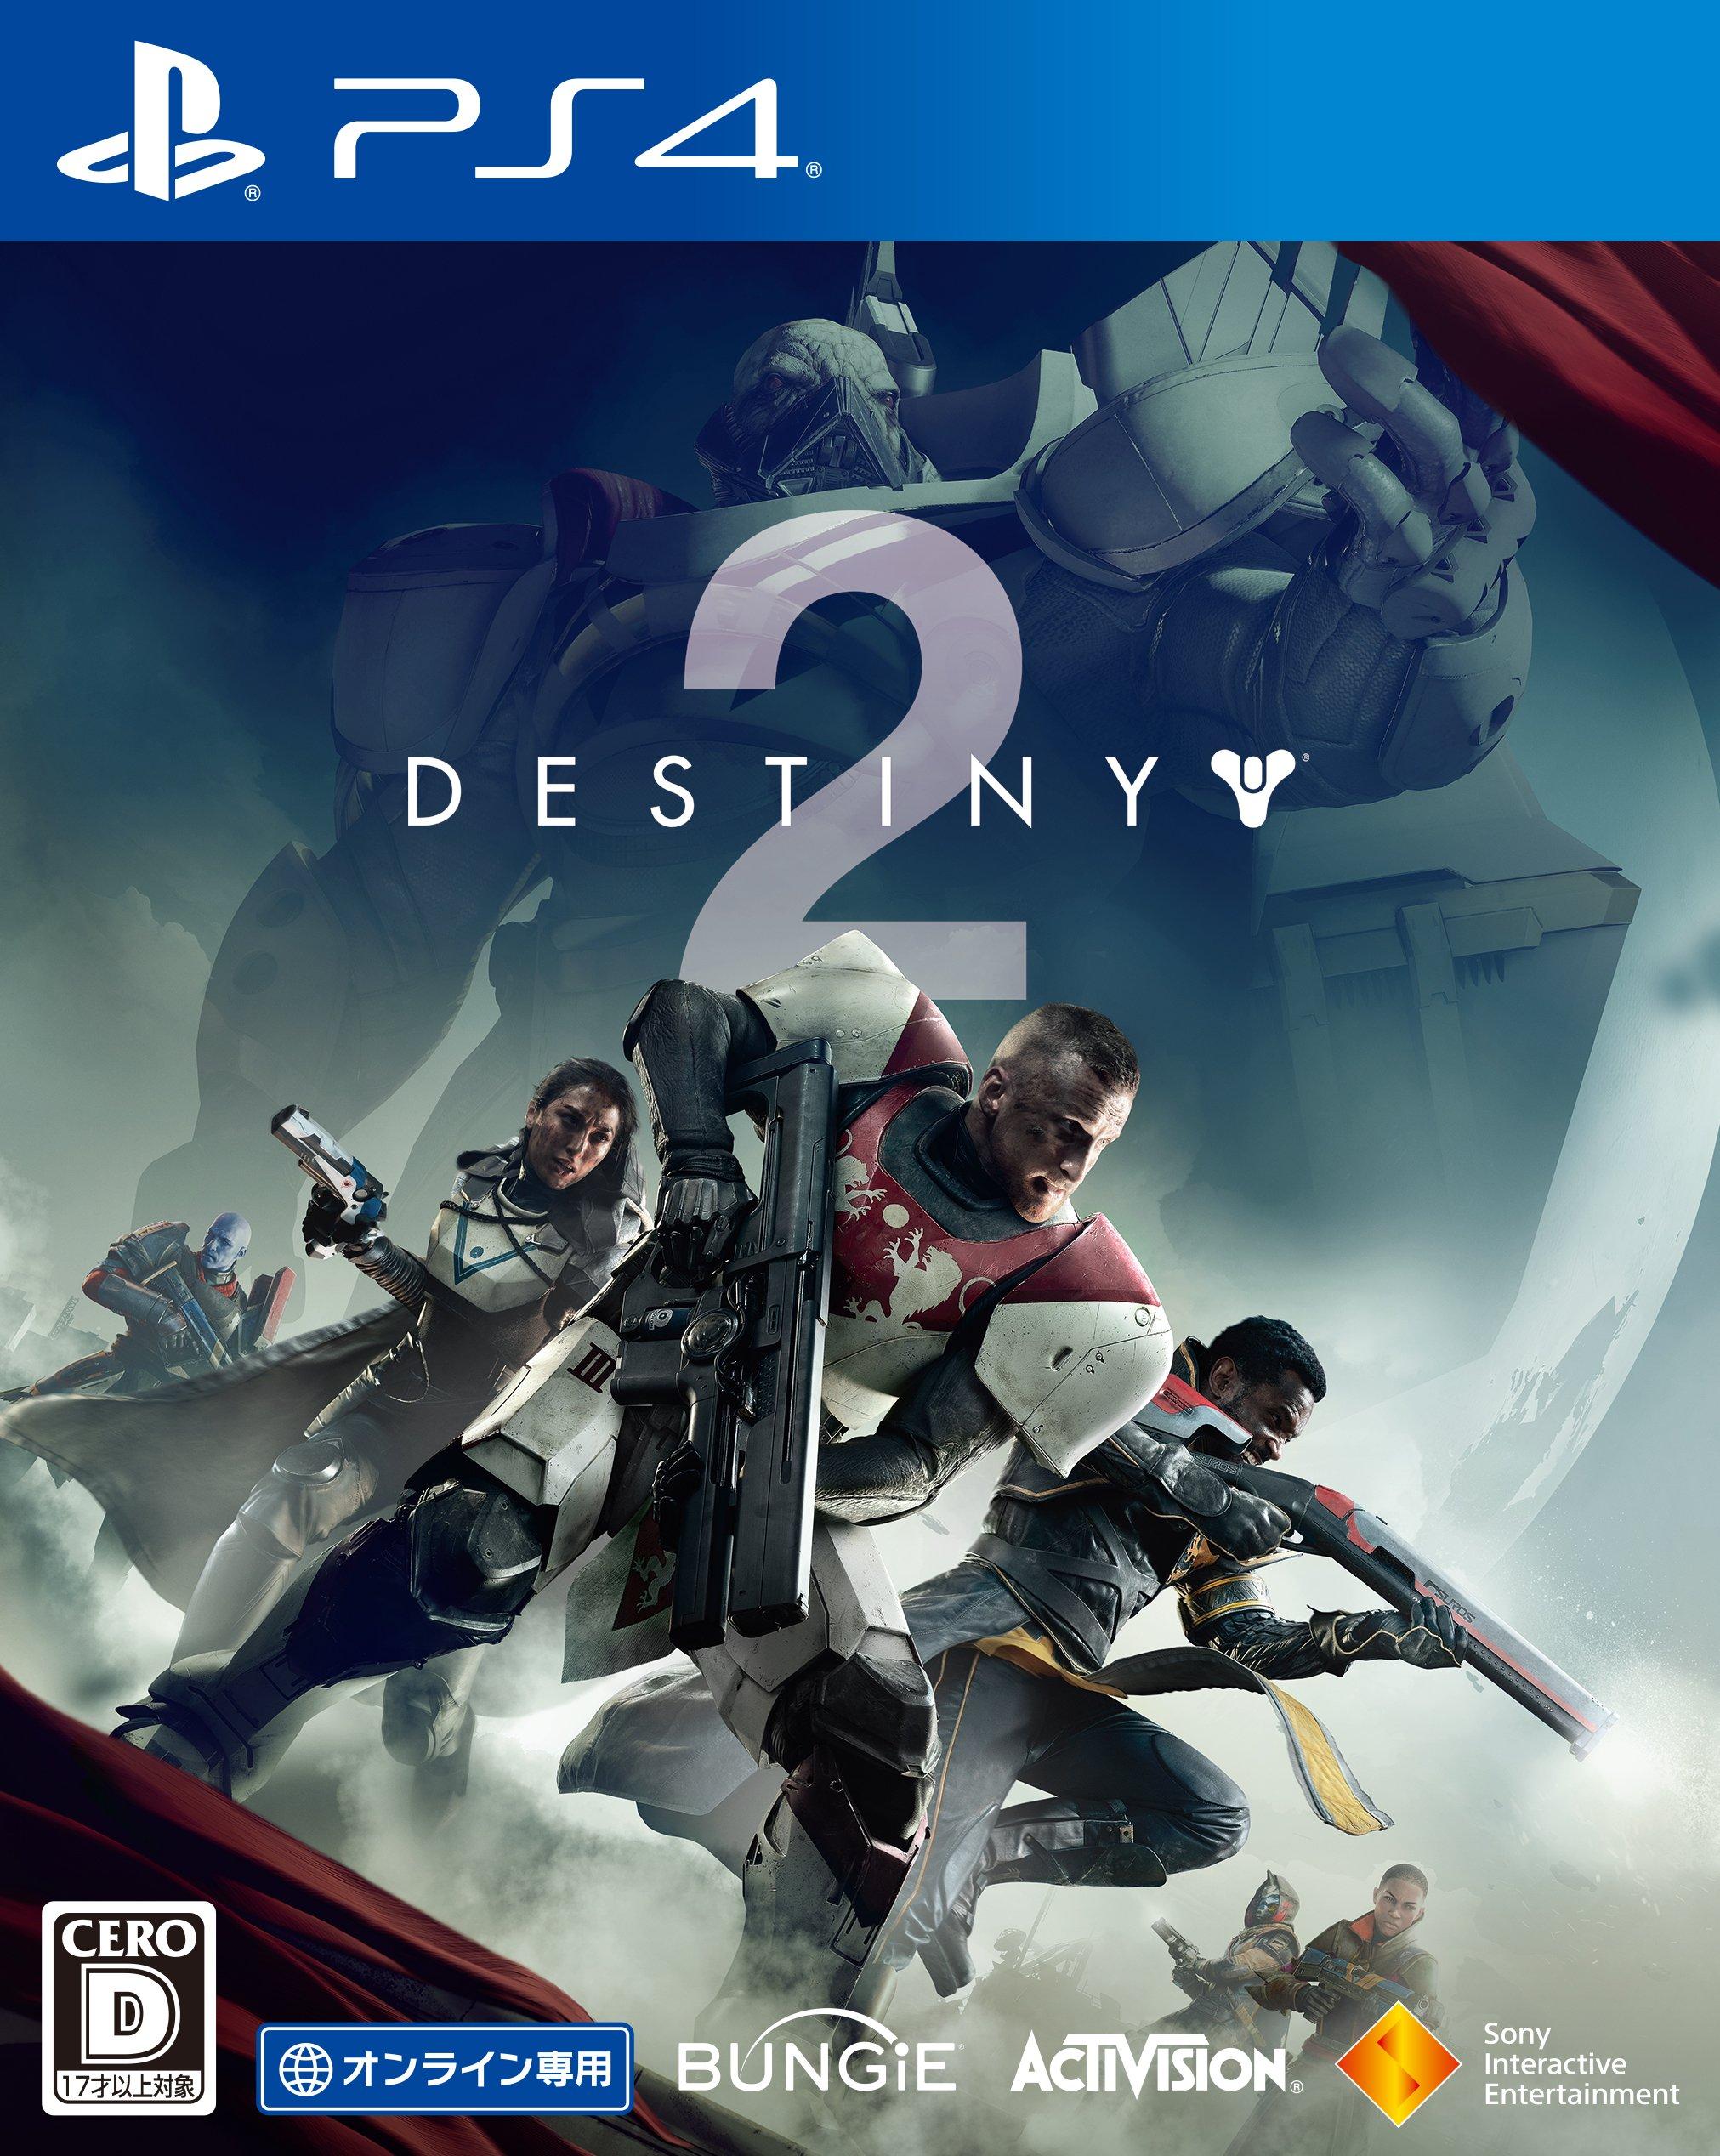 Destiny 2【早期購入特典】DLC『エキゾチックウェポン コールドハート+キル自慢のゴースト』がダウンロード出来るプロダクトコードチラシ同梱